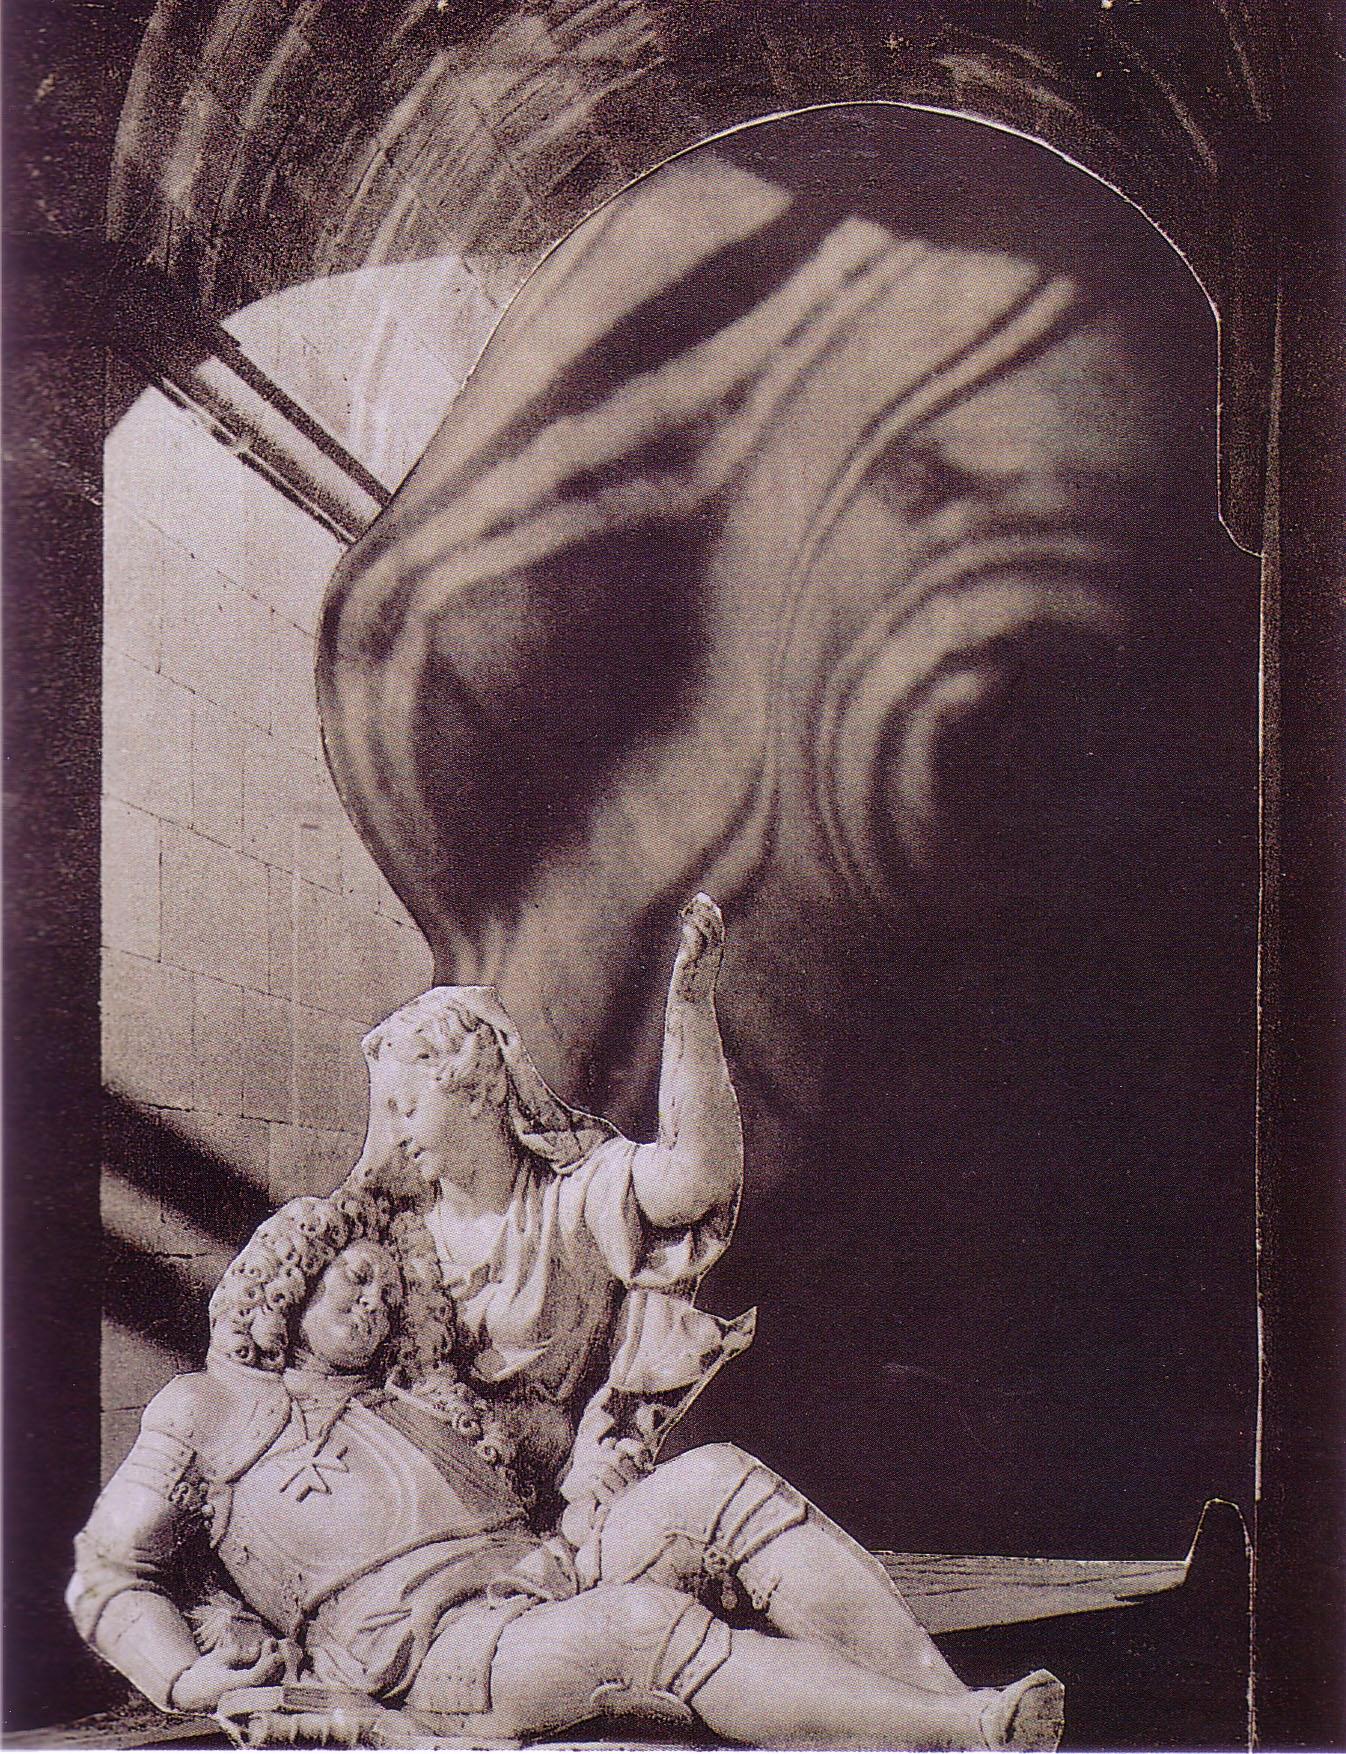 Karel Teige-Collage# 205 , 1941